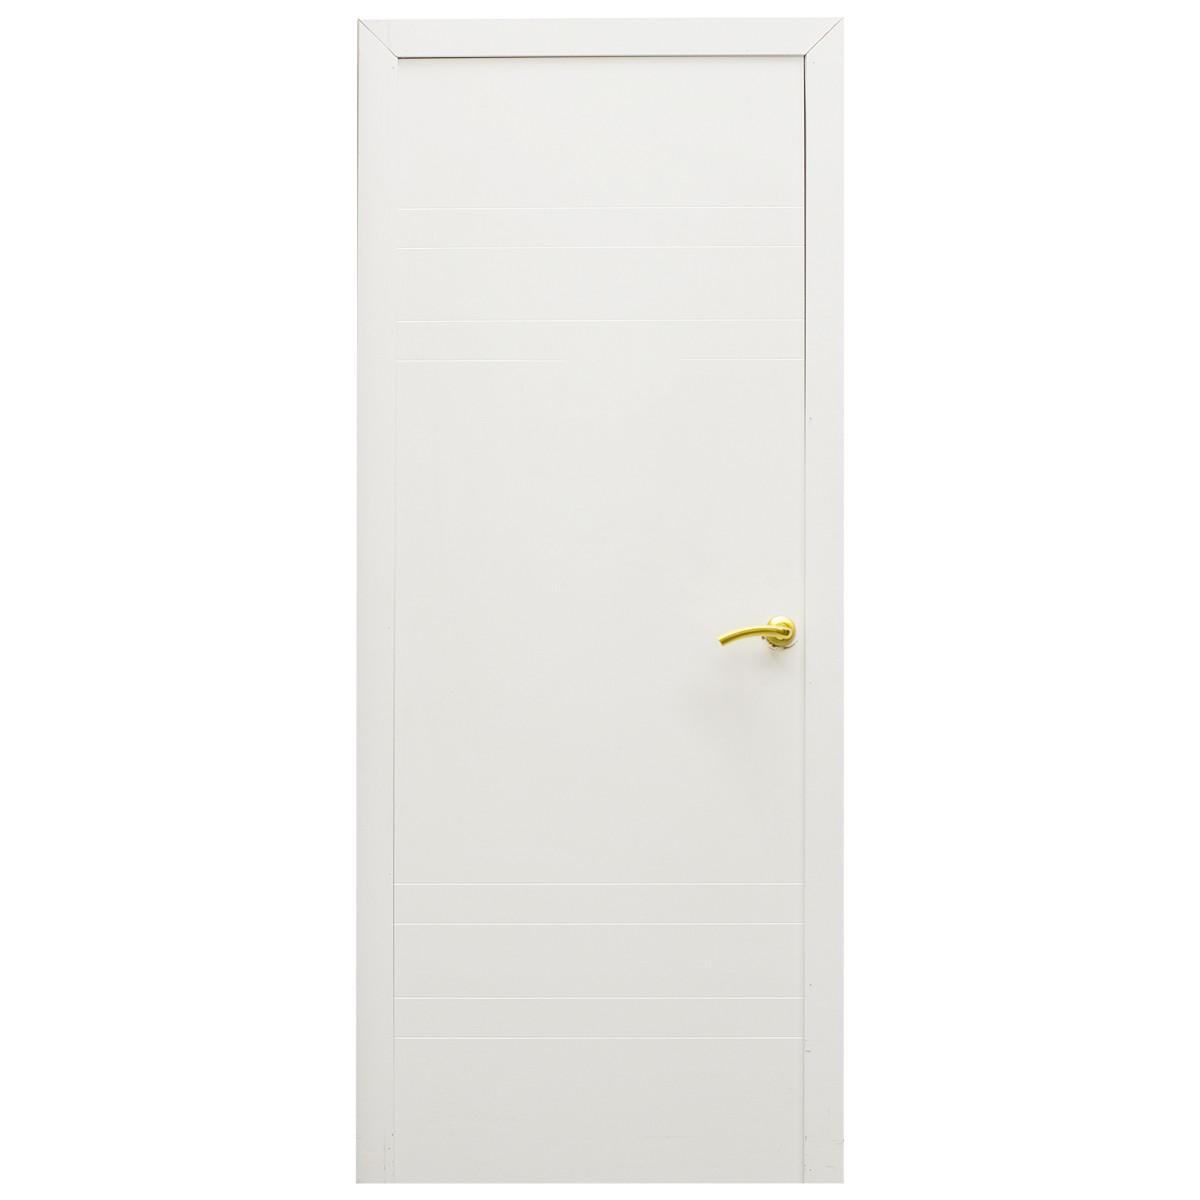 Дверь Межкомнатная Глухая Модерн 60x200 Ламинация Цвет Белый